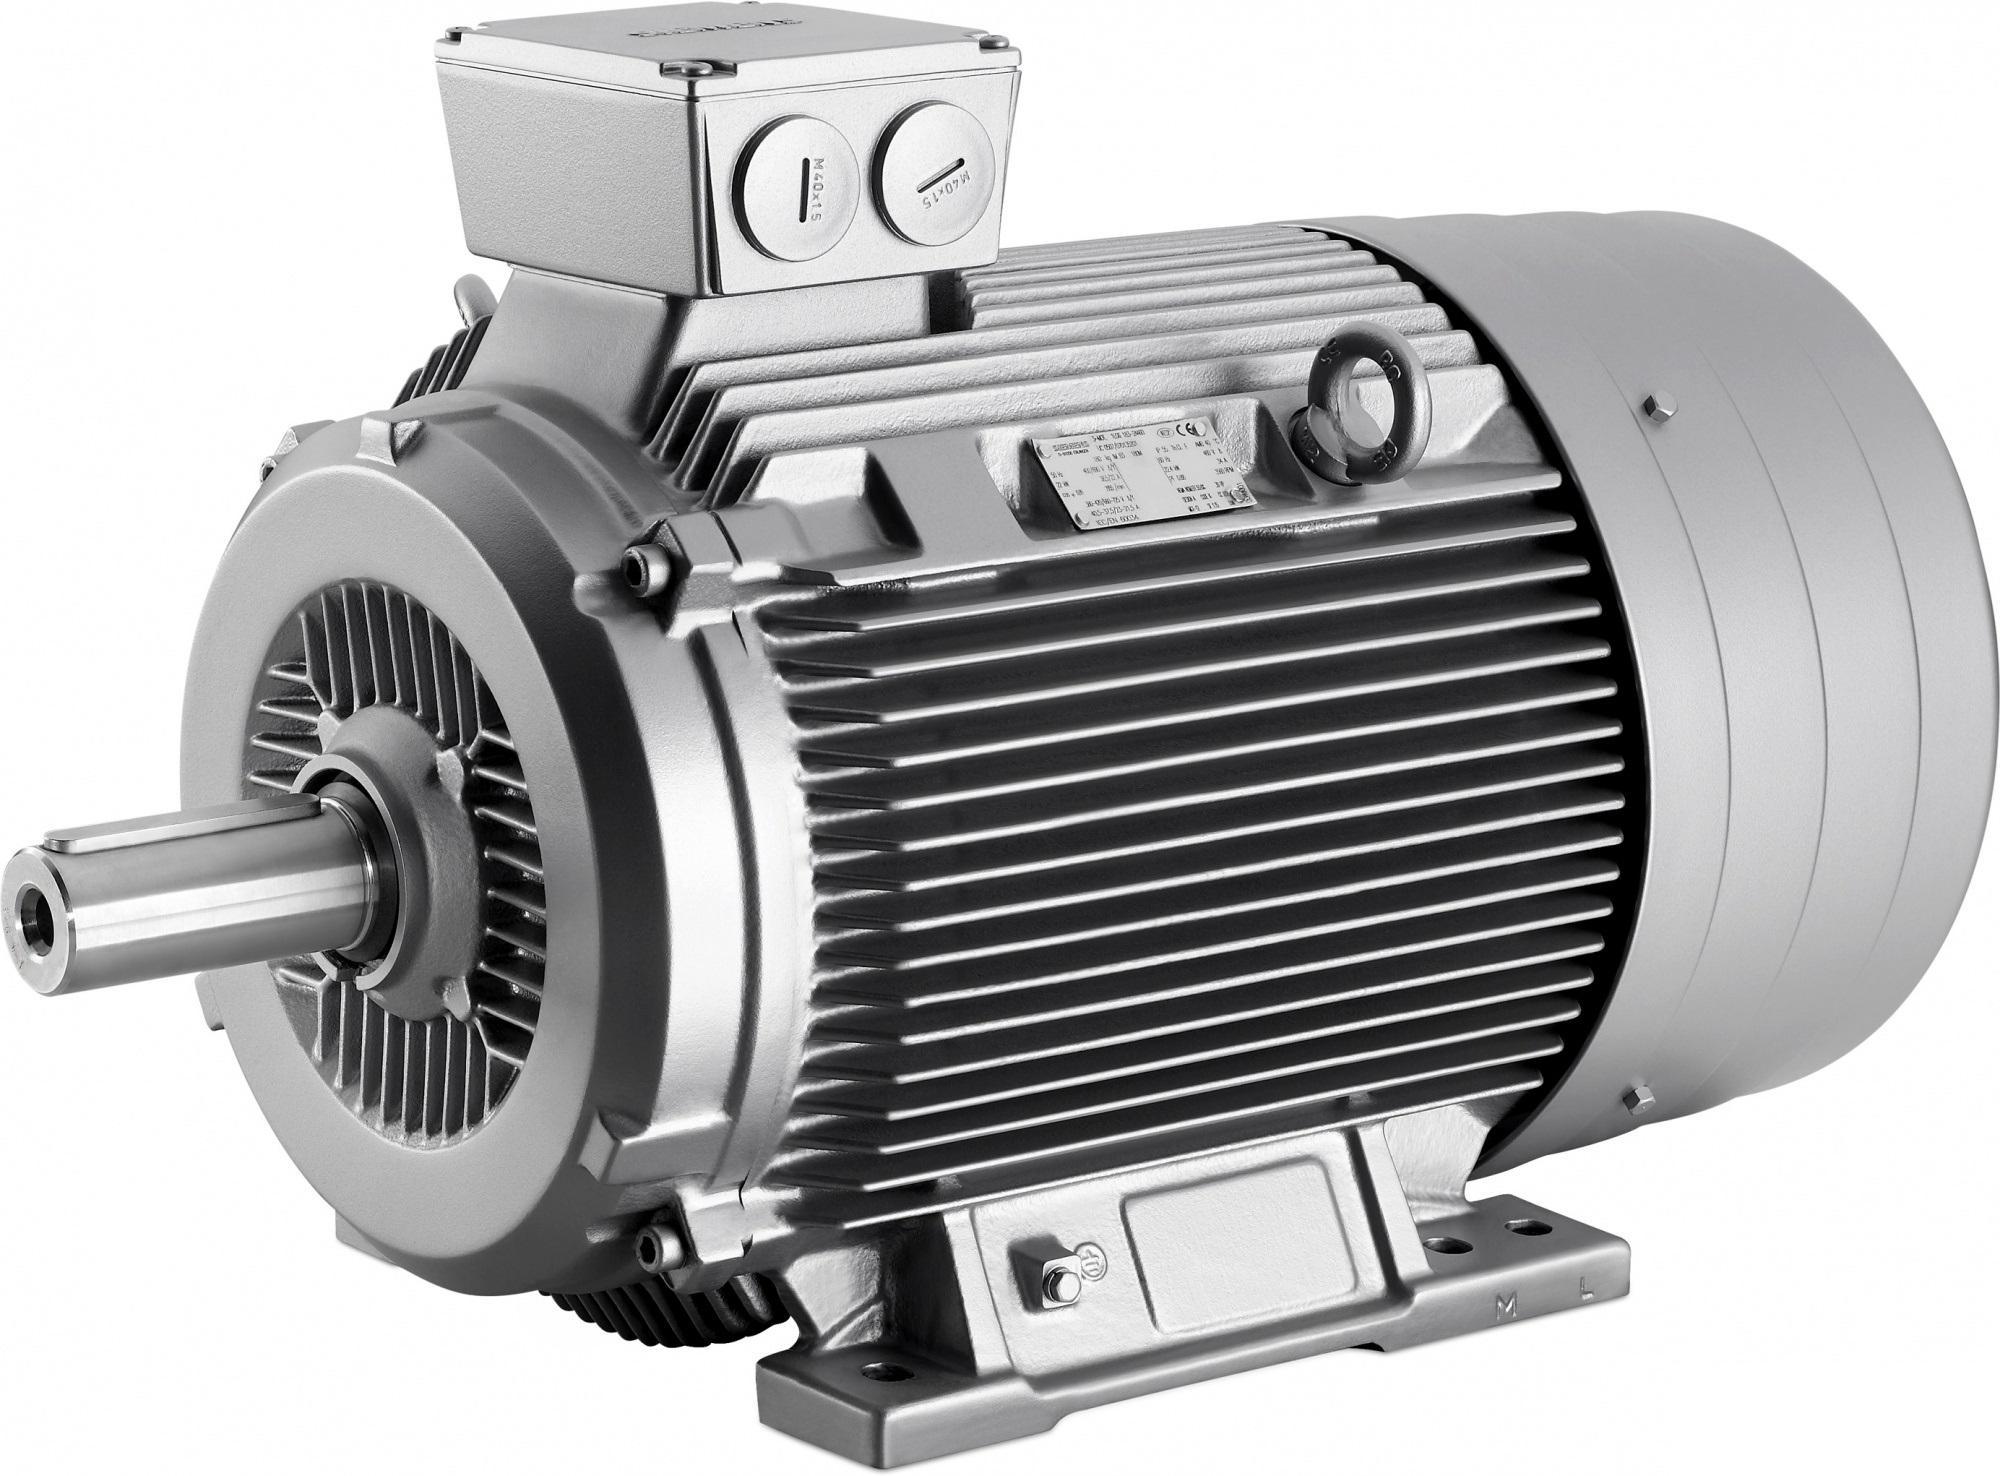 Модель асинхронного электродвигателя с кабелем и устройством коммутации в статорной цепи